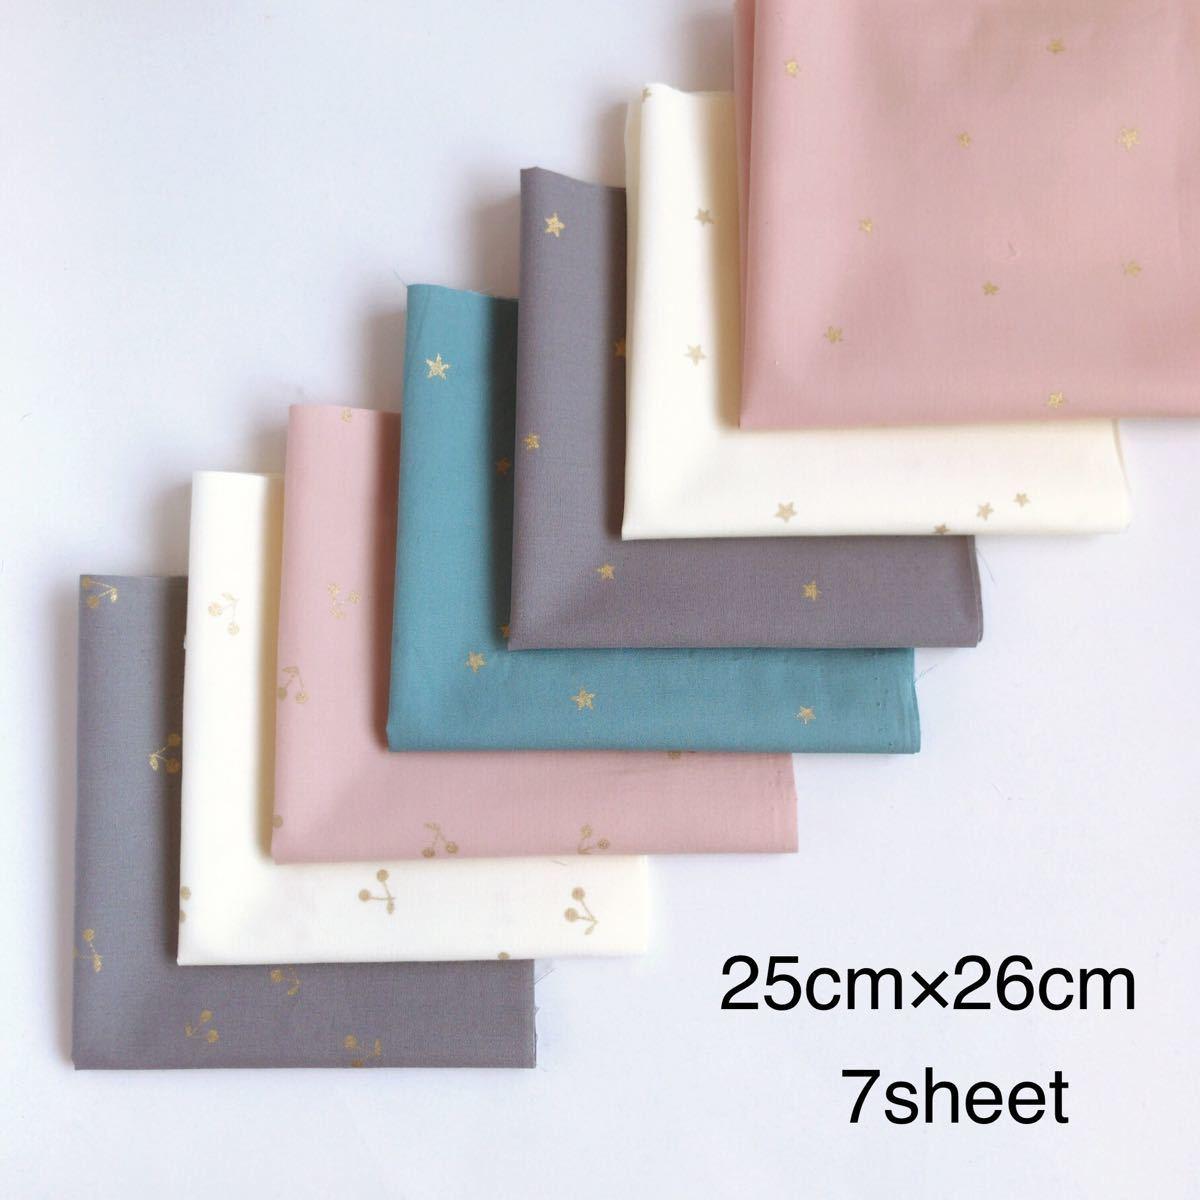 カットクロス 7枚 生地*チェリー 3色*星降るブロード4色 くすみカラー ハンドメイド 小物作り はぎれ